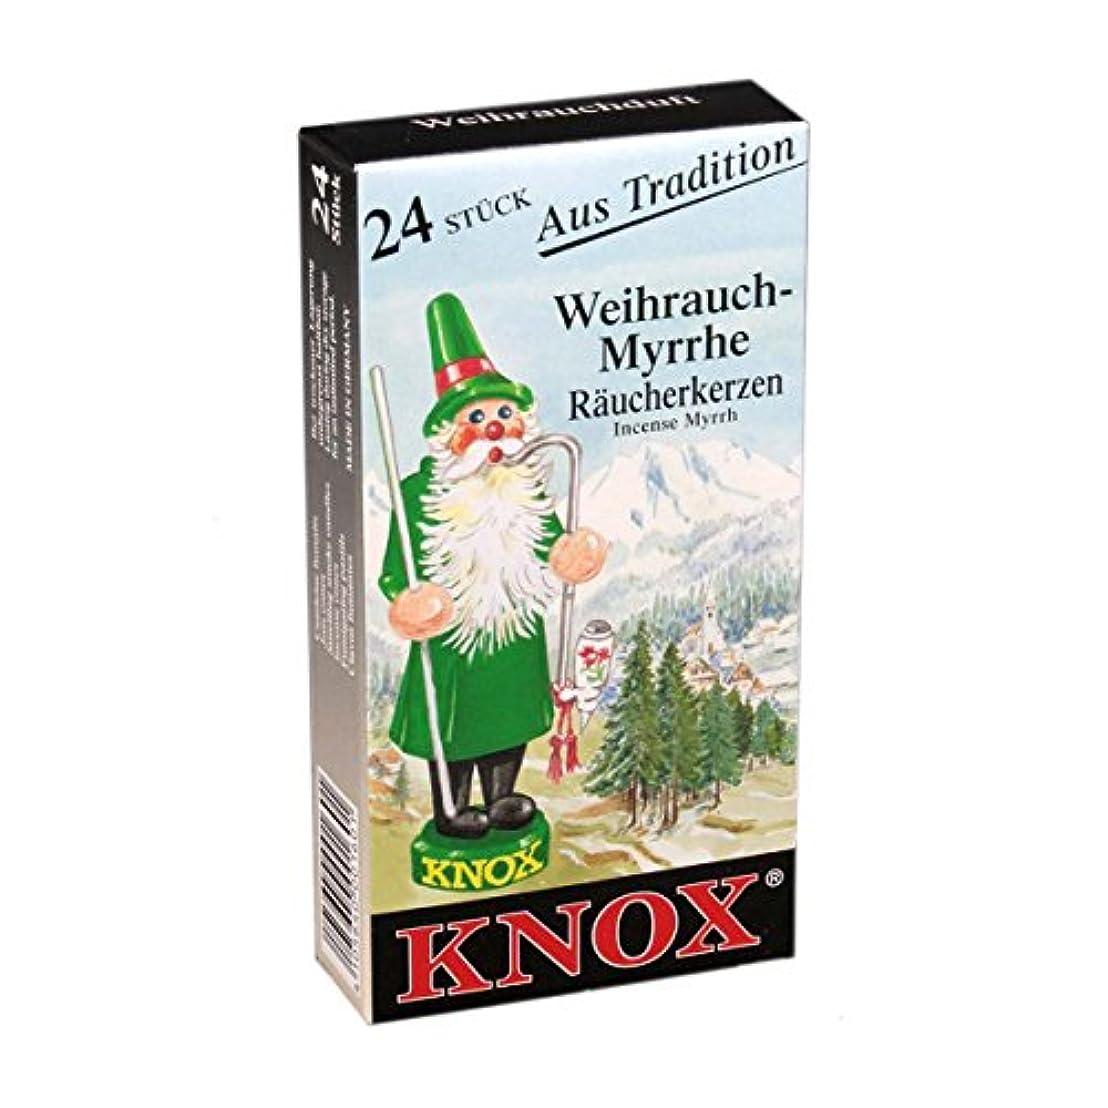 平和的モールうるさいKnox ドイツ製円錐香 ブラック 69 013120